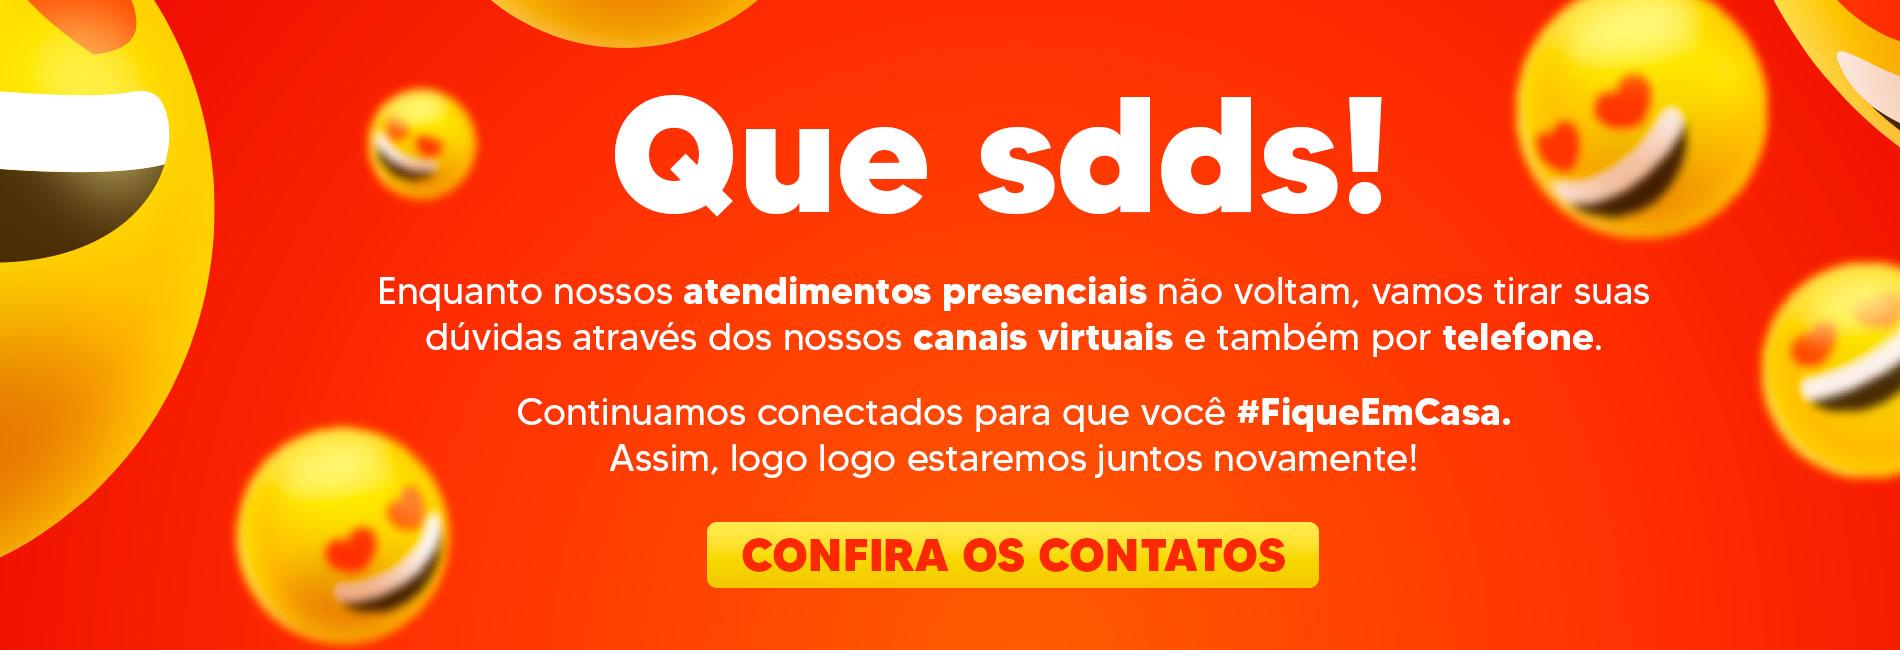 Confira nossos canais virtuais - #FiqueEmCasa